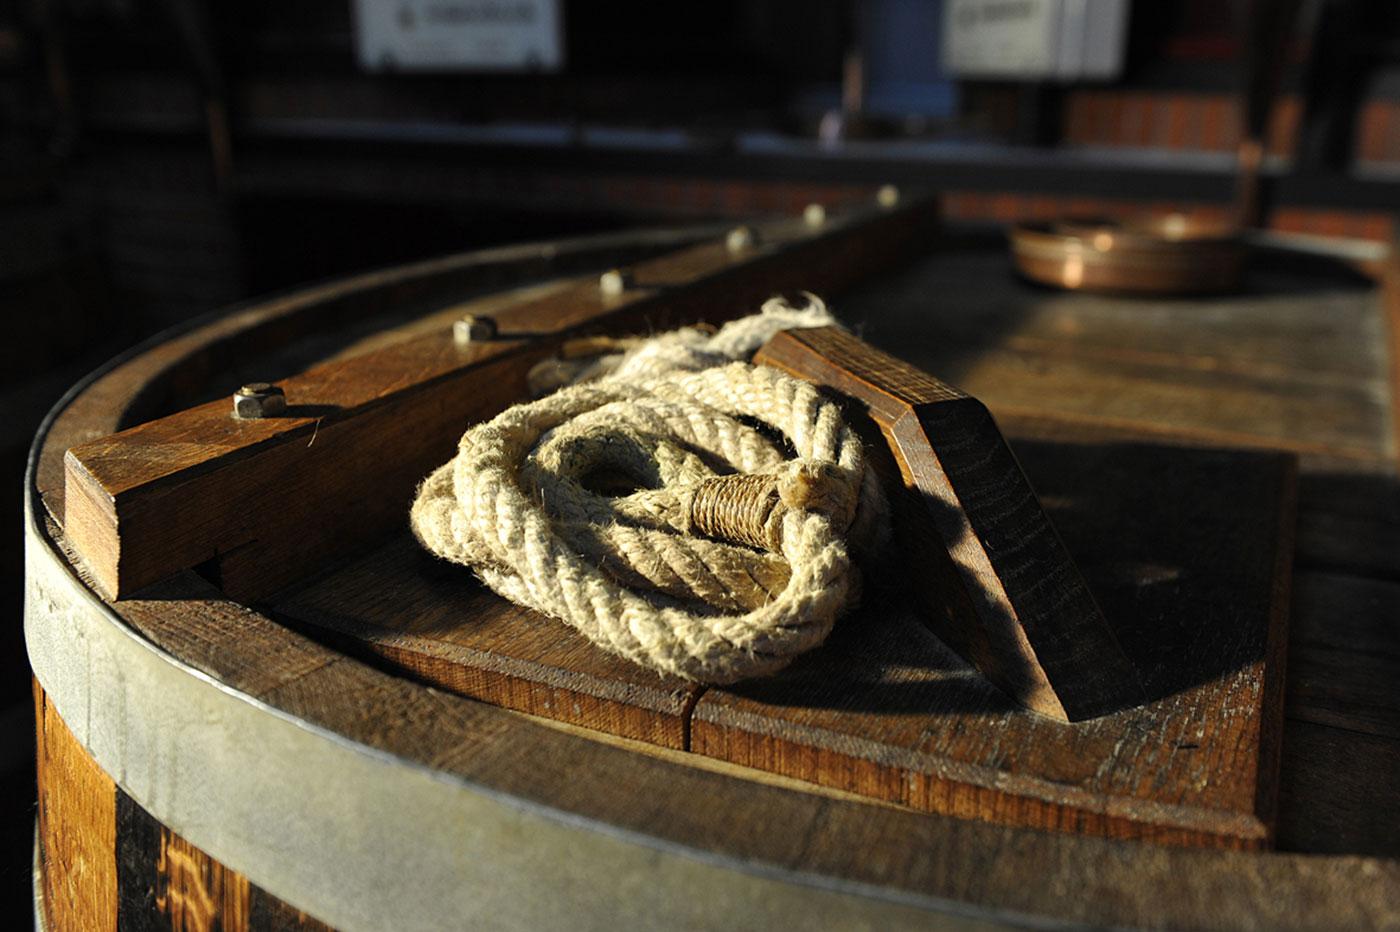 Barrel at the distillery